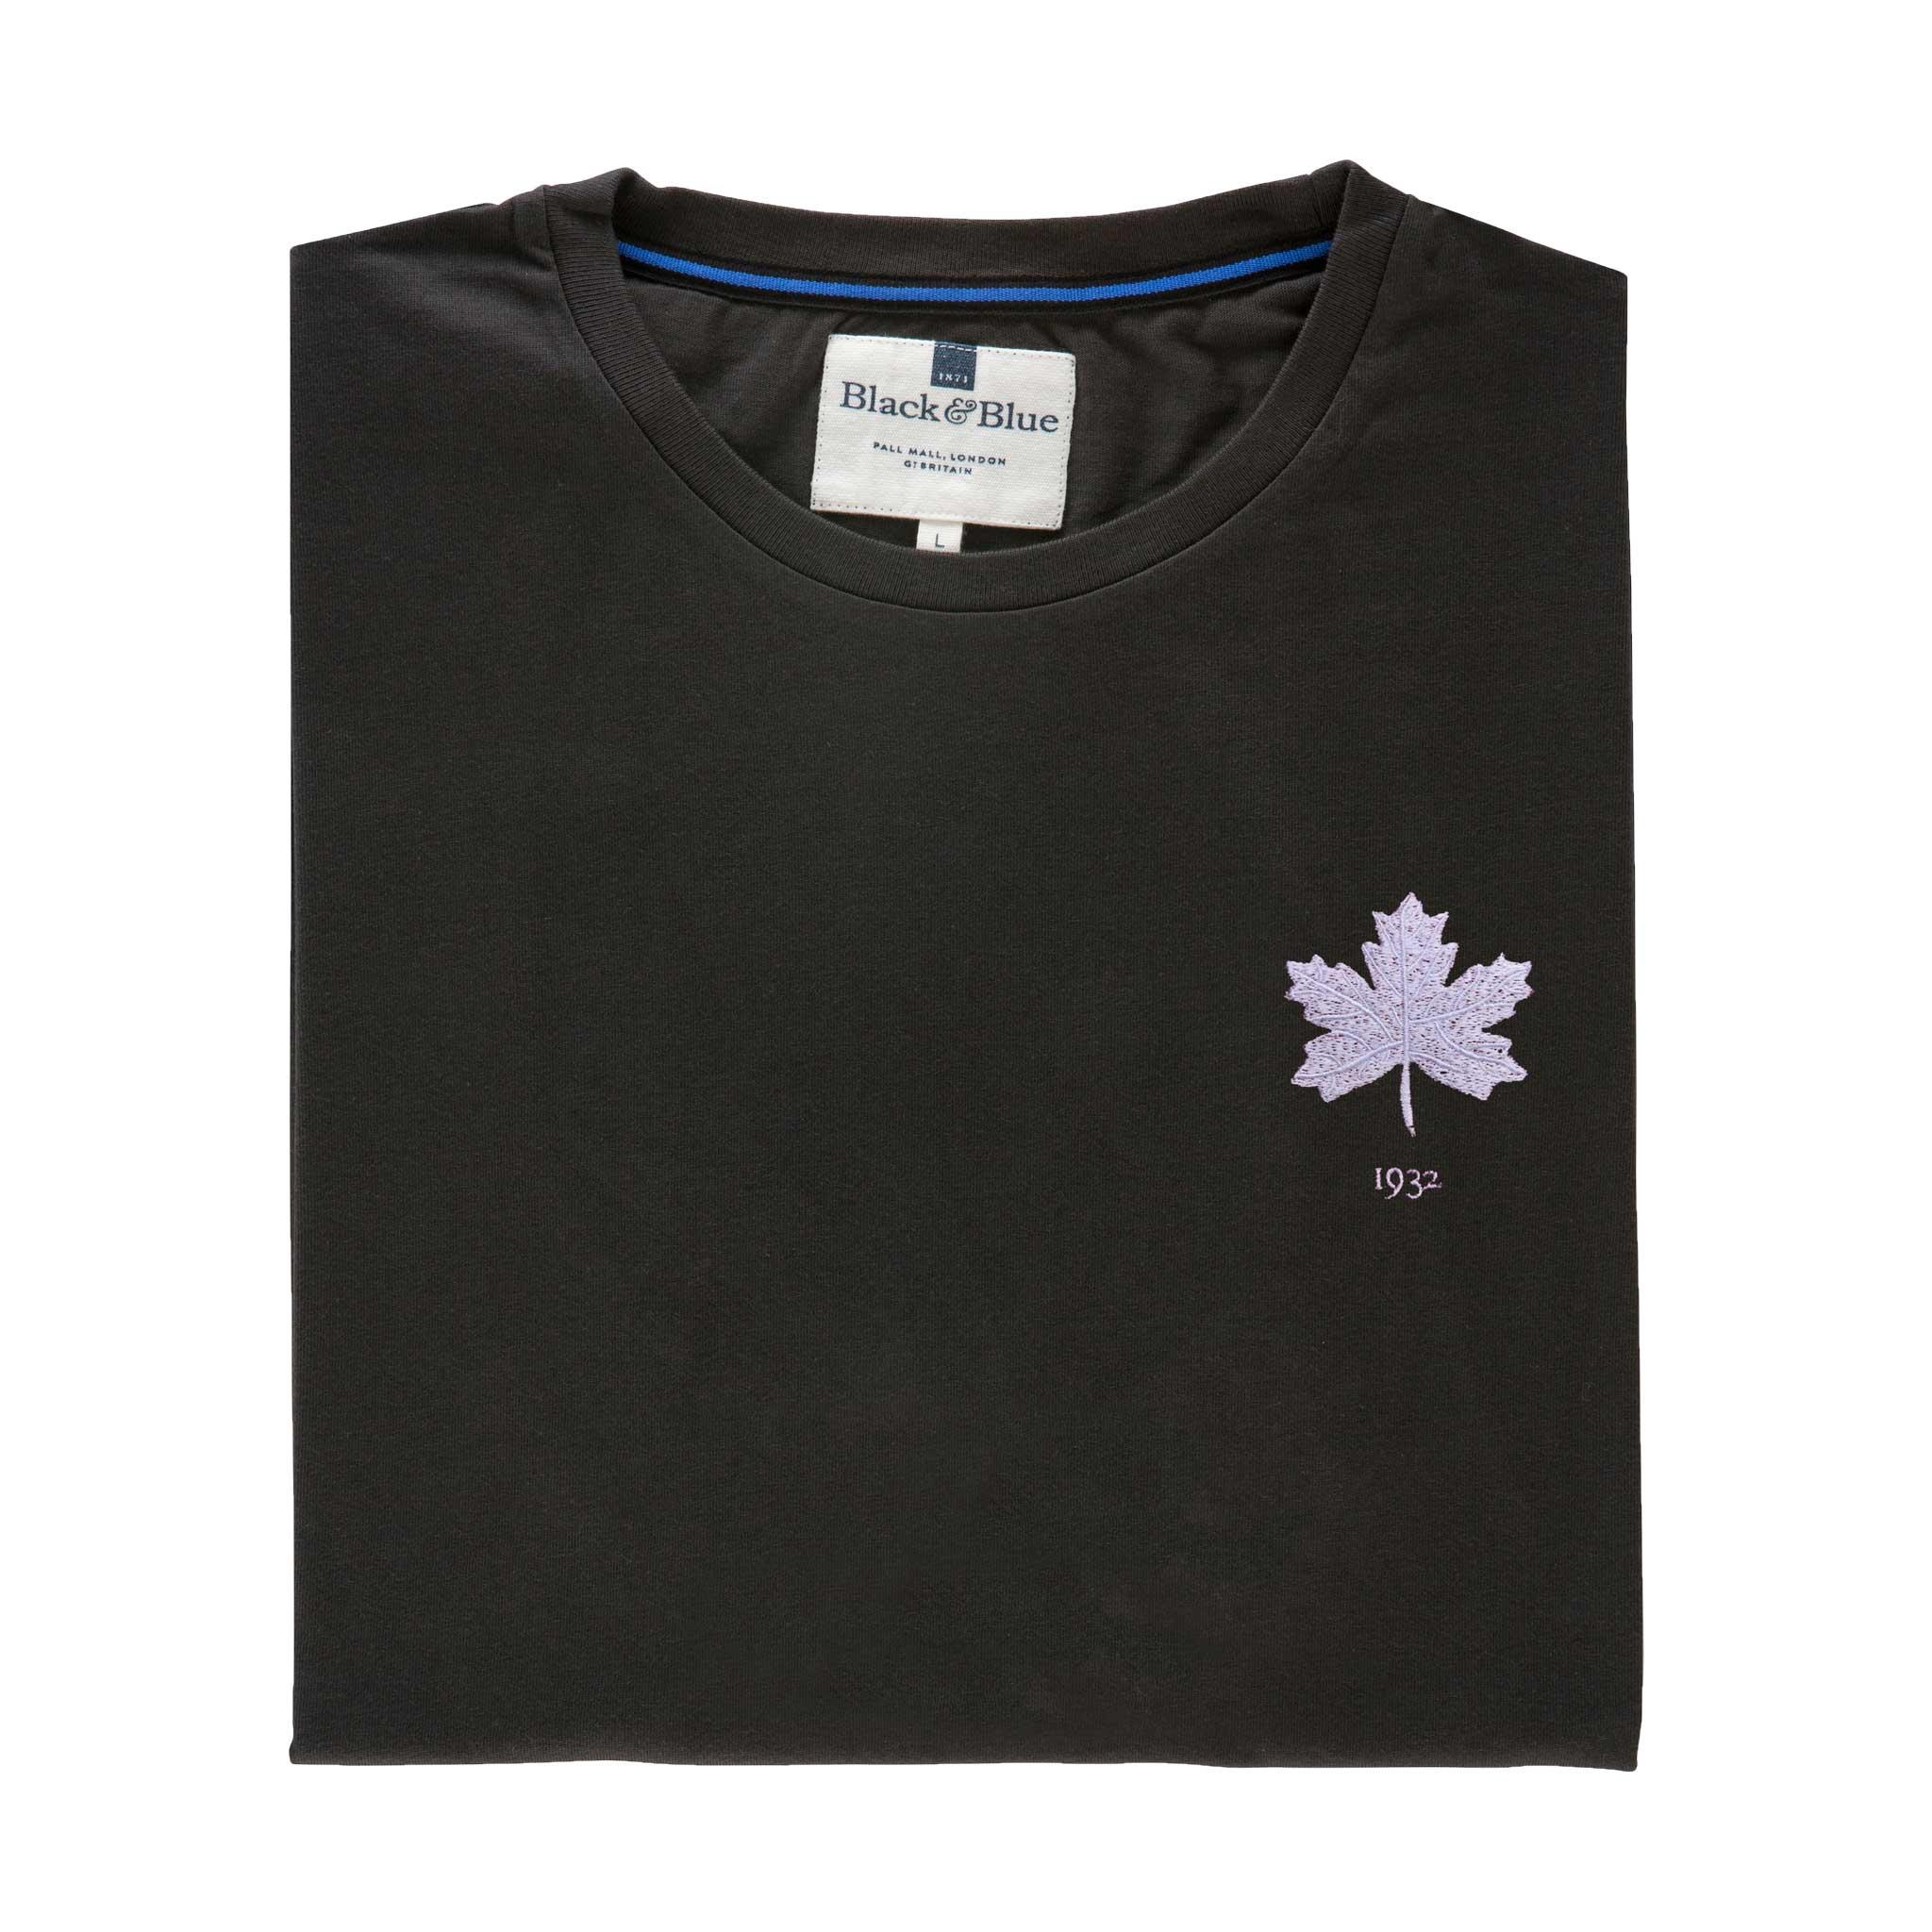 Canada 1932 Asphalt Tshirt_Folded